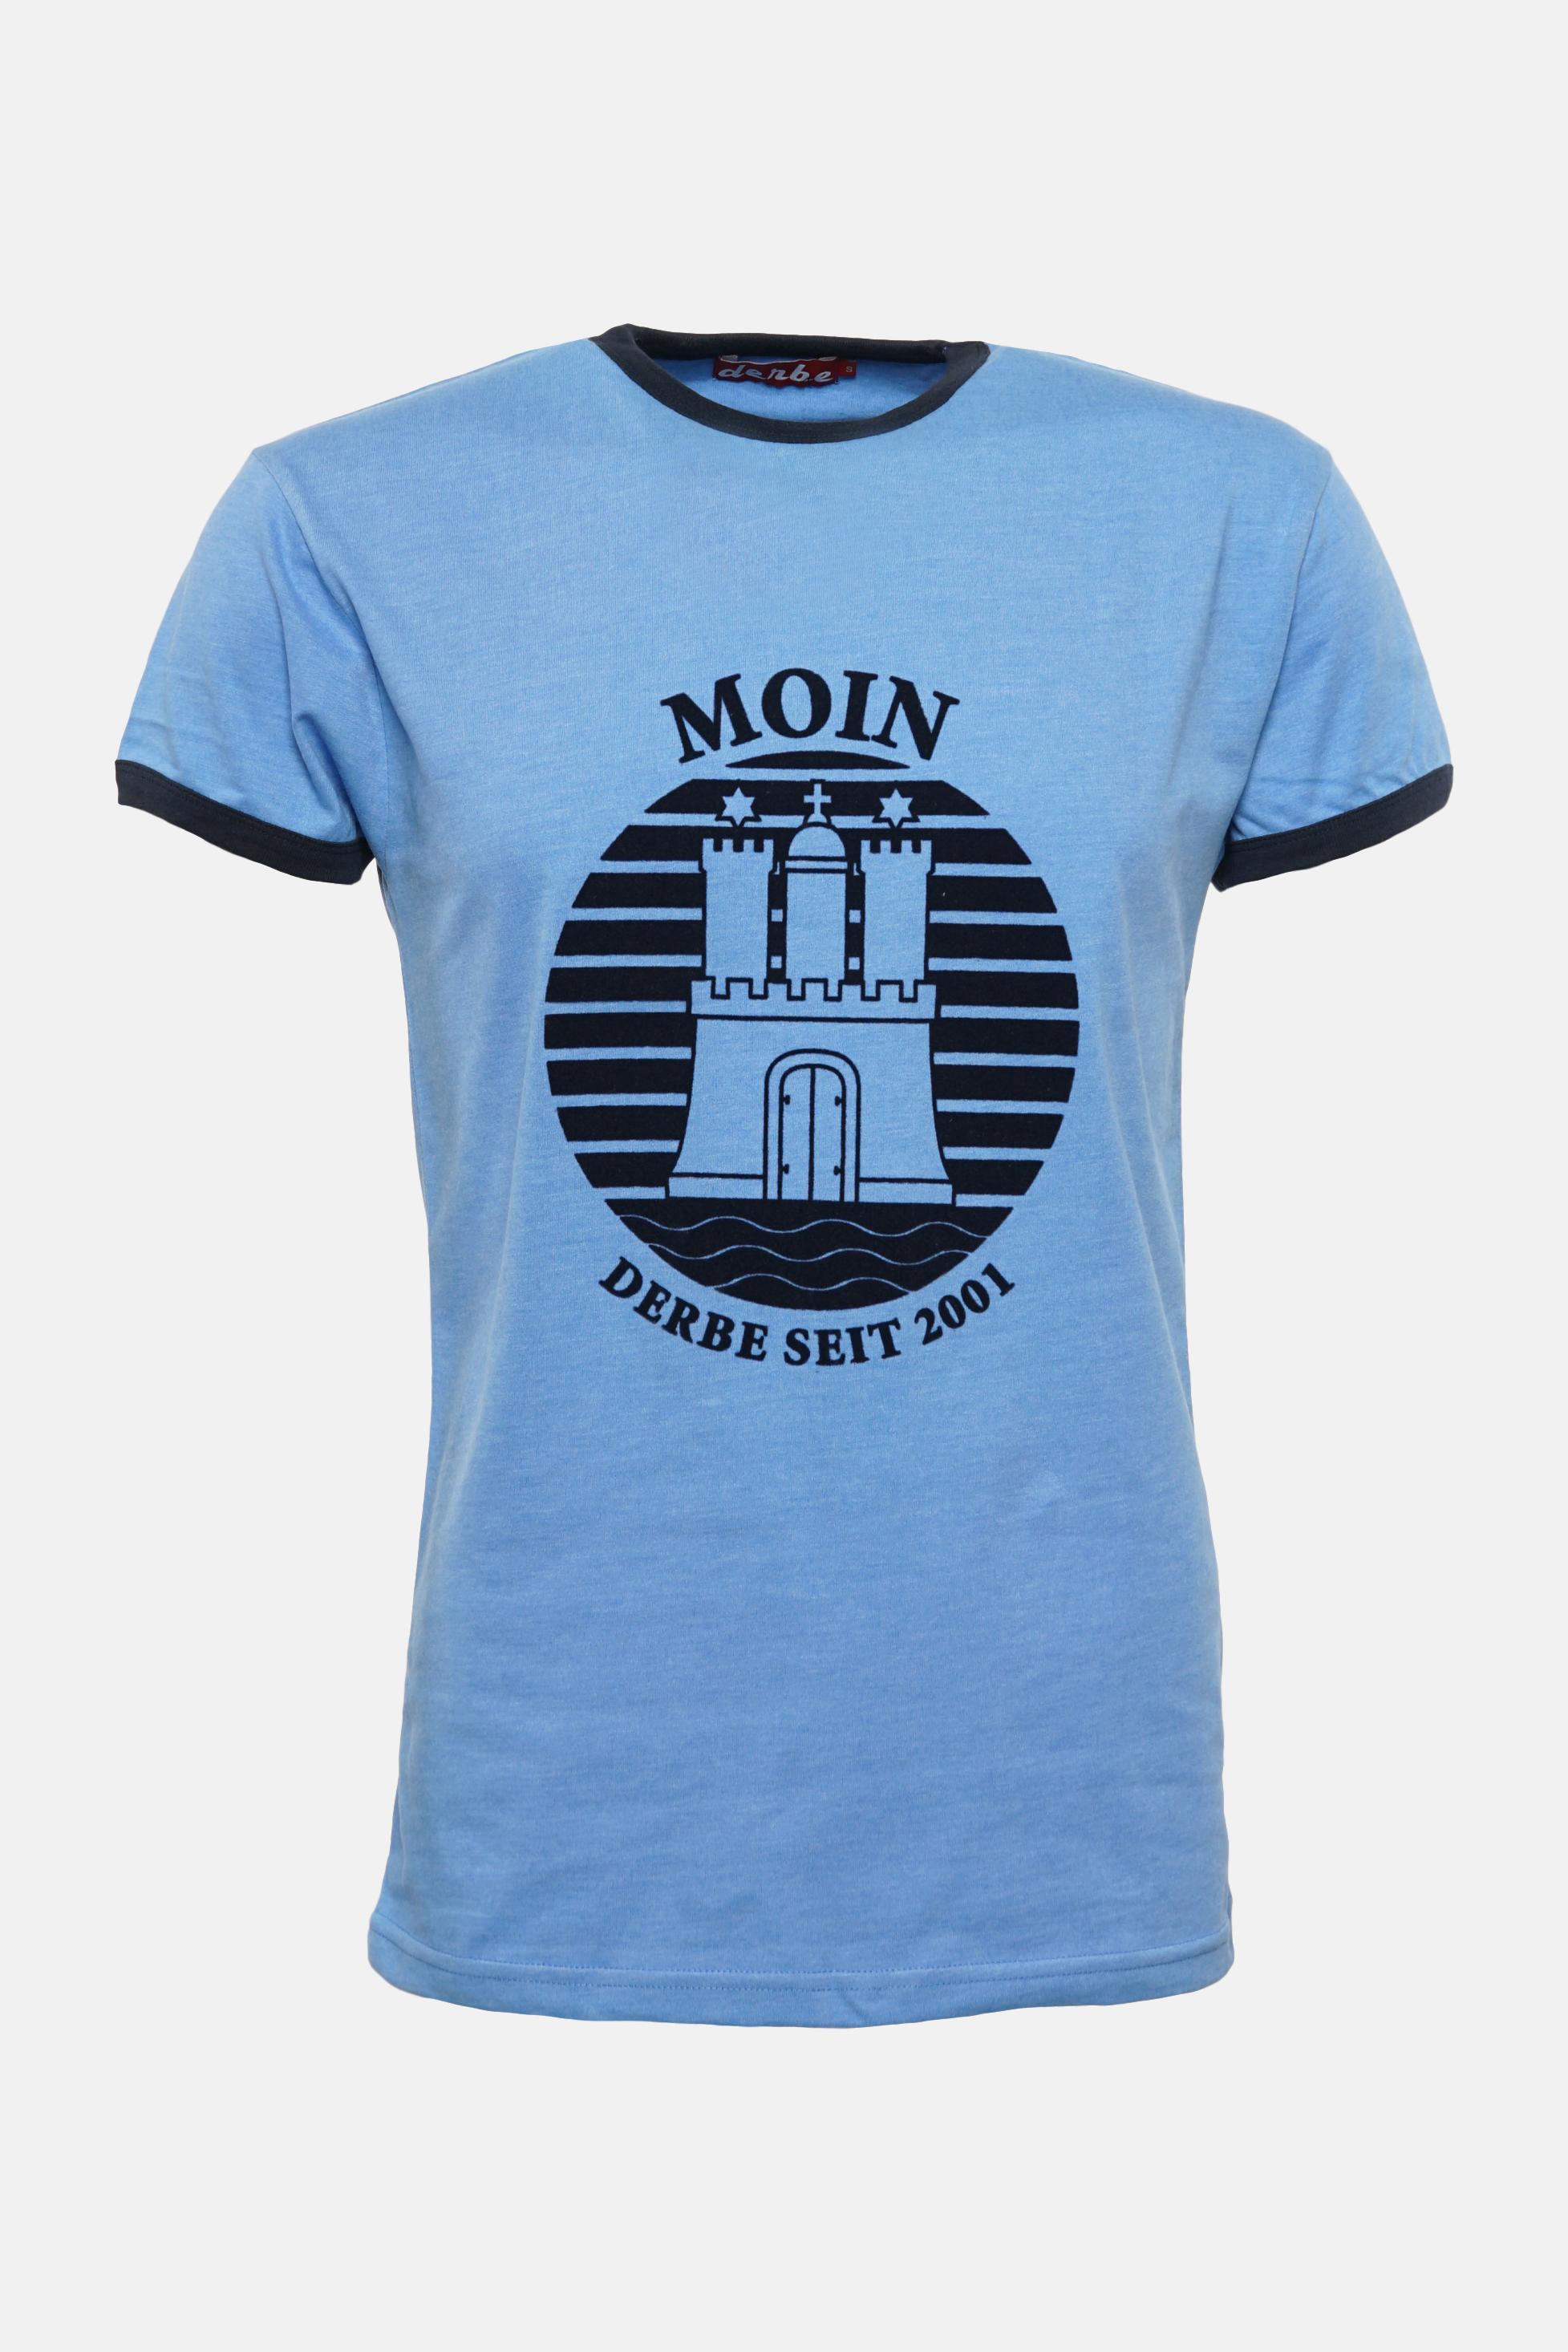 83e12399fae259 Derbe T-Shirt Moin Hamburg Herren Blau | Hanseheld.de